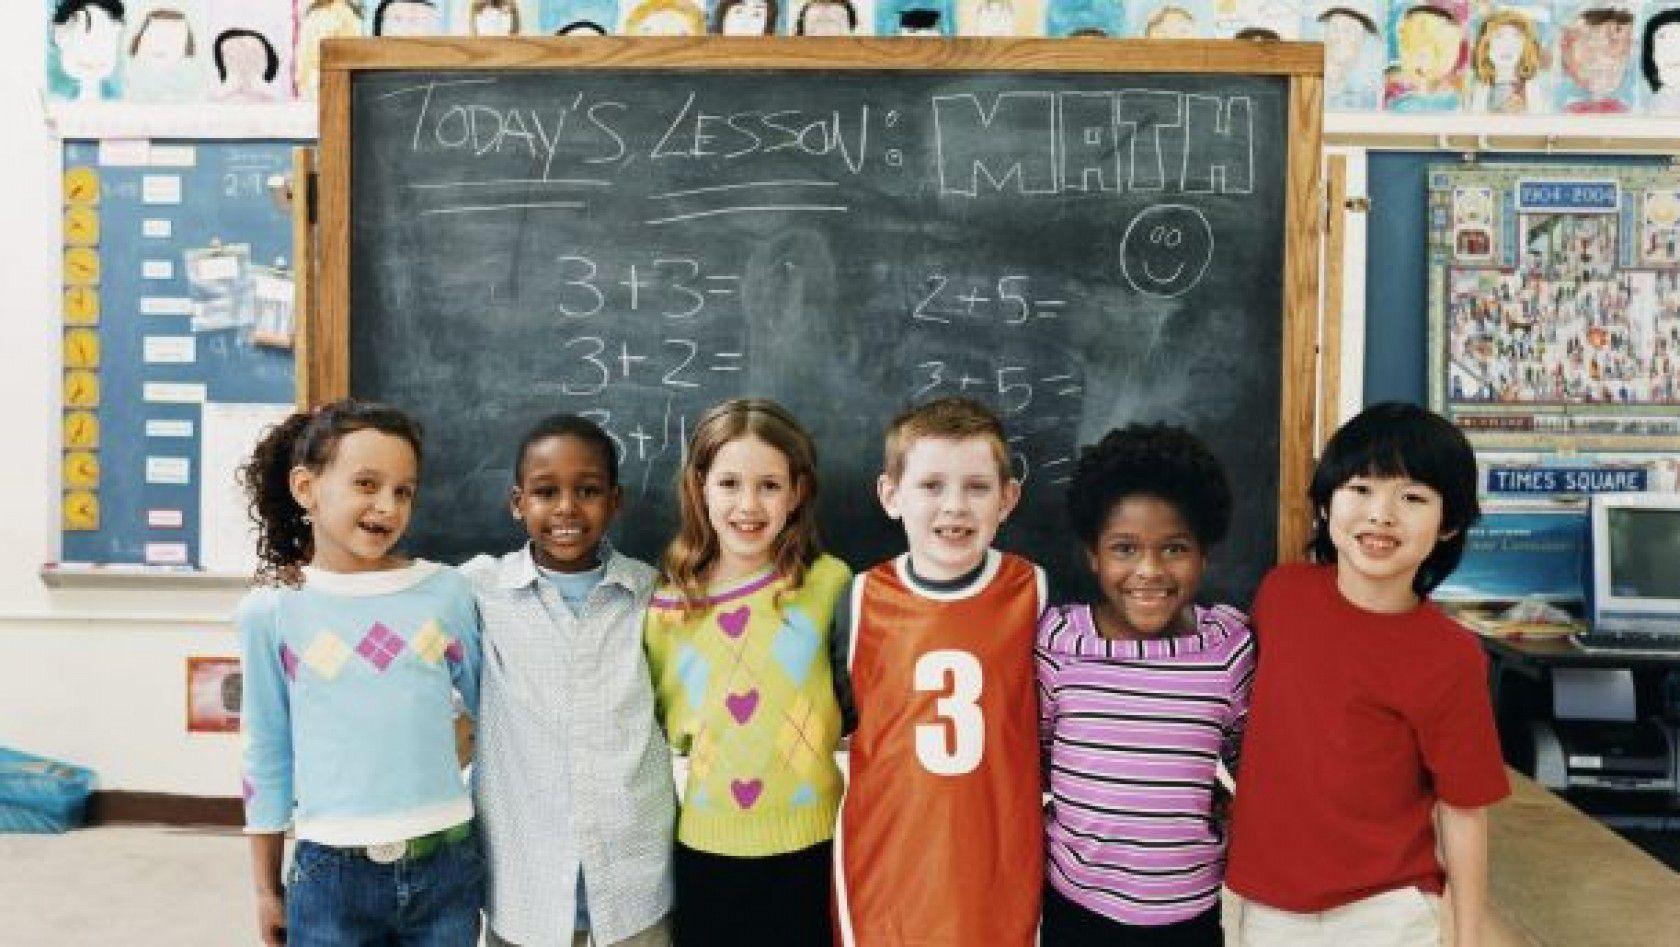 Amerika Ortaokul Eğitiminin Avantajları Nelerdir?